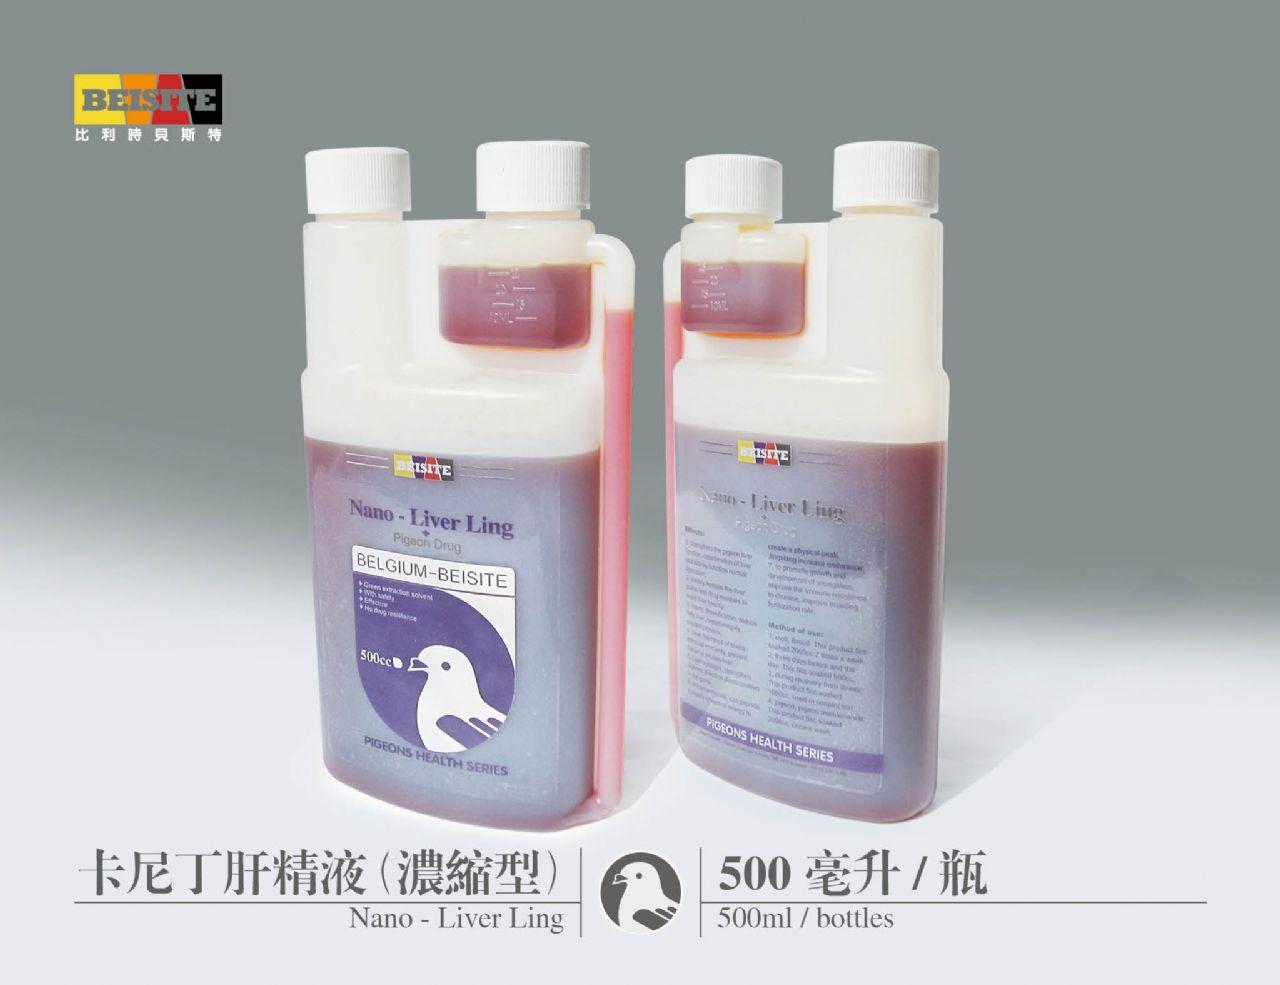 卡尼丁肝精液(浓缩型)